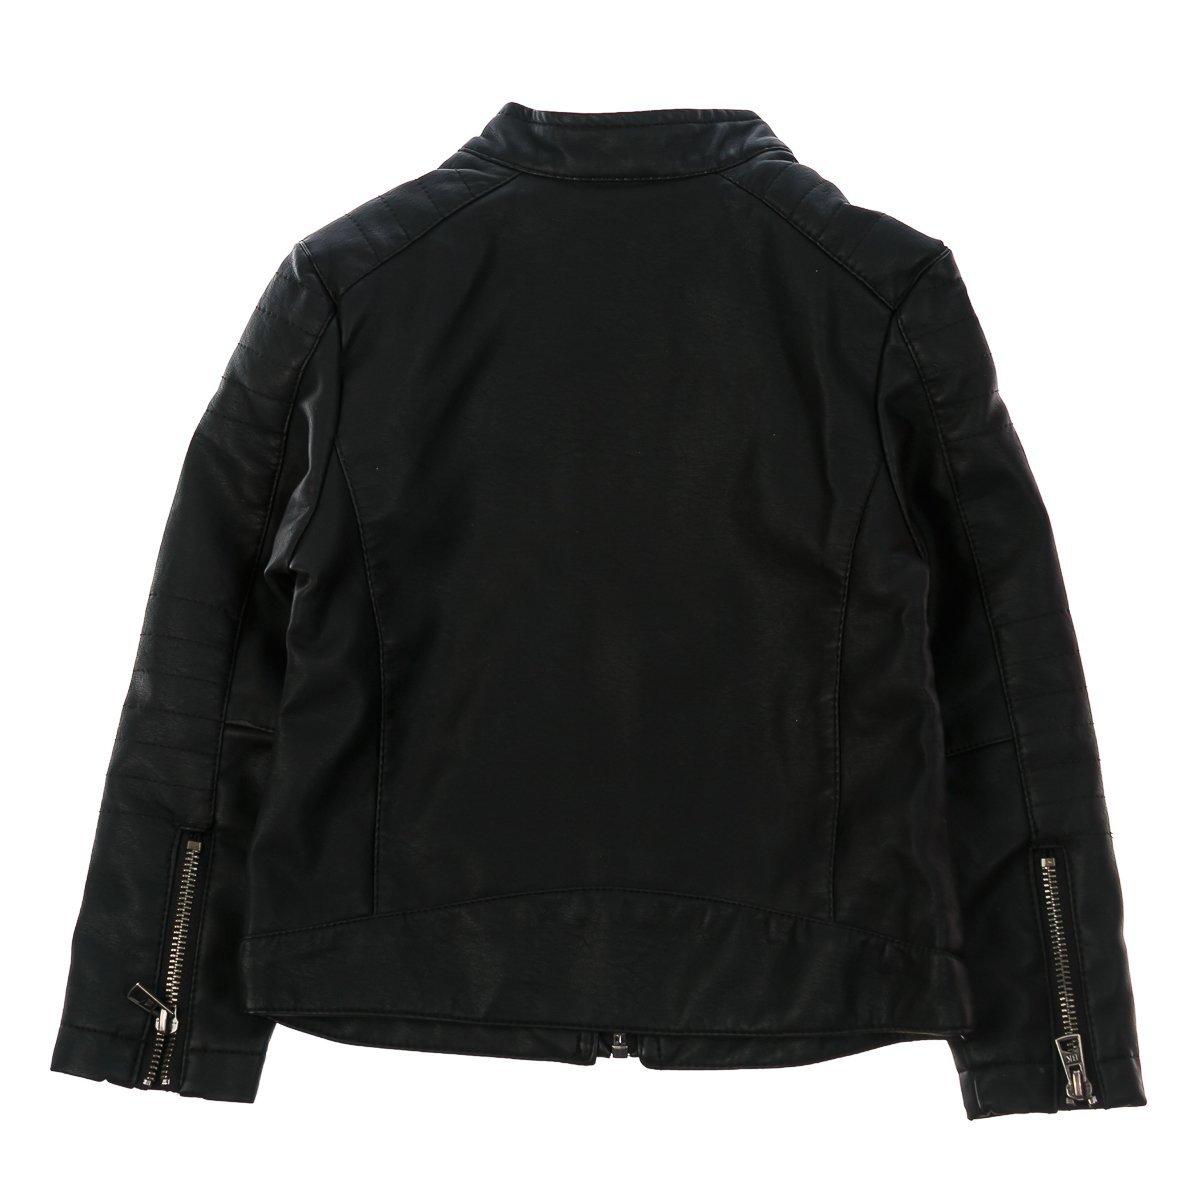 Купить Верхняя одежда, Куртка BluKids Dark, р. 110 5271844 ТМ: BluKids, черный